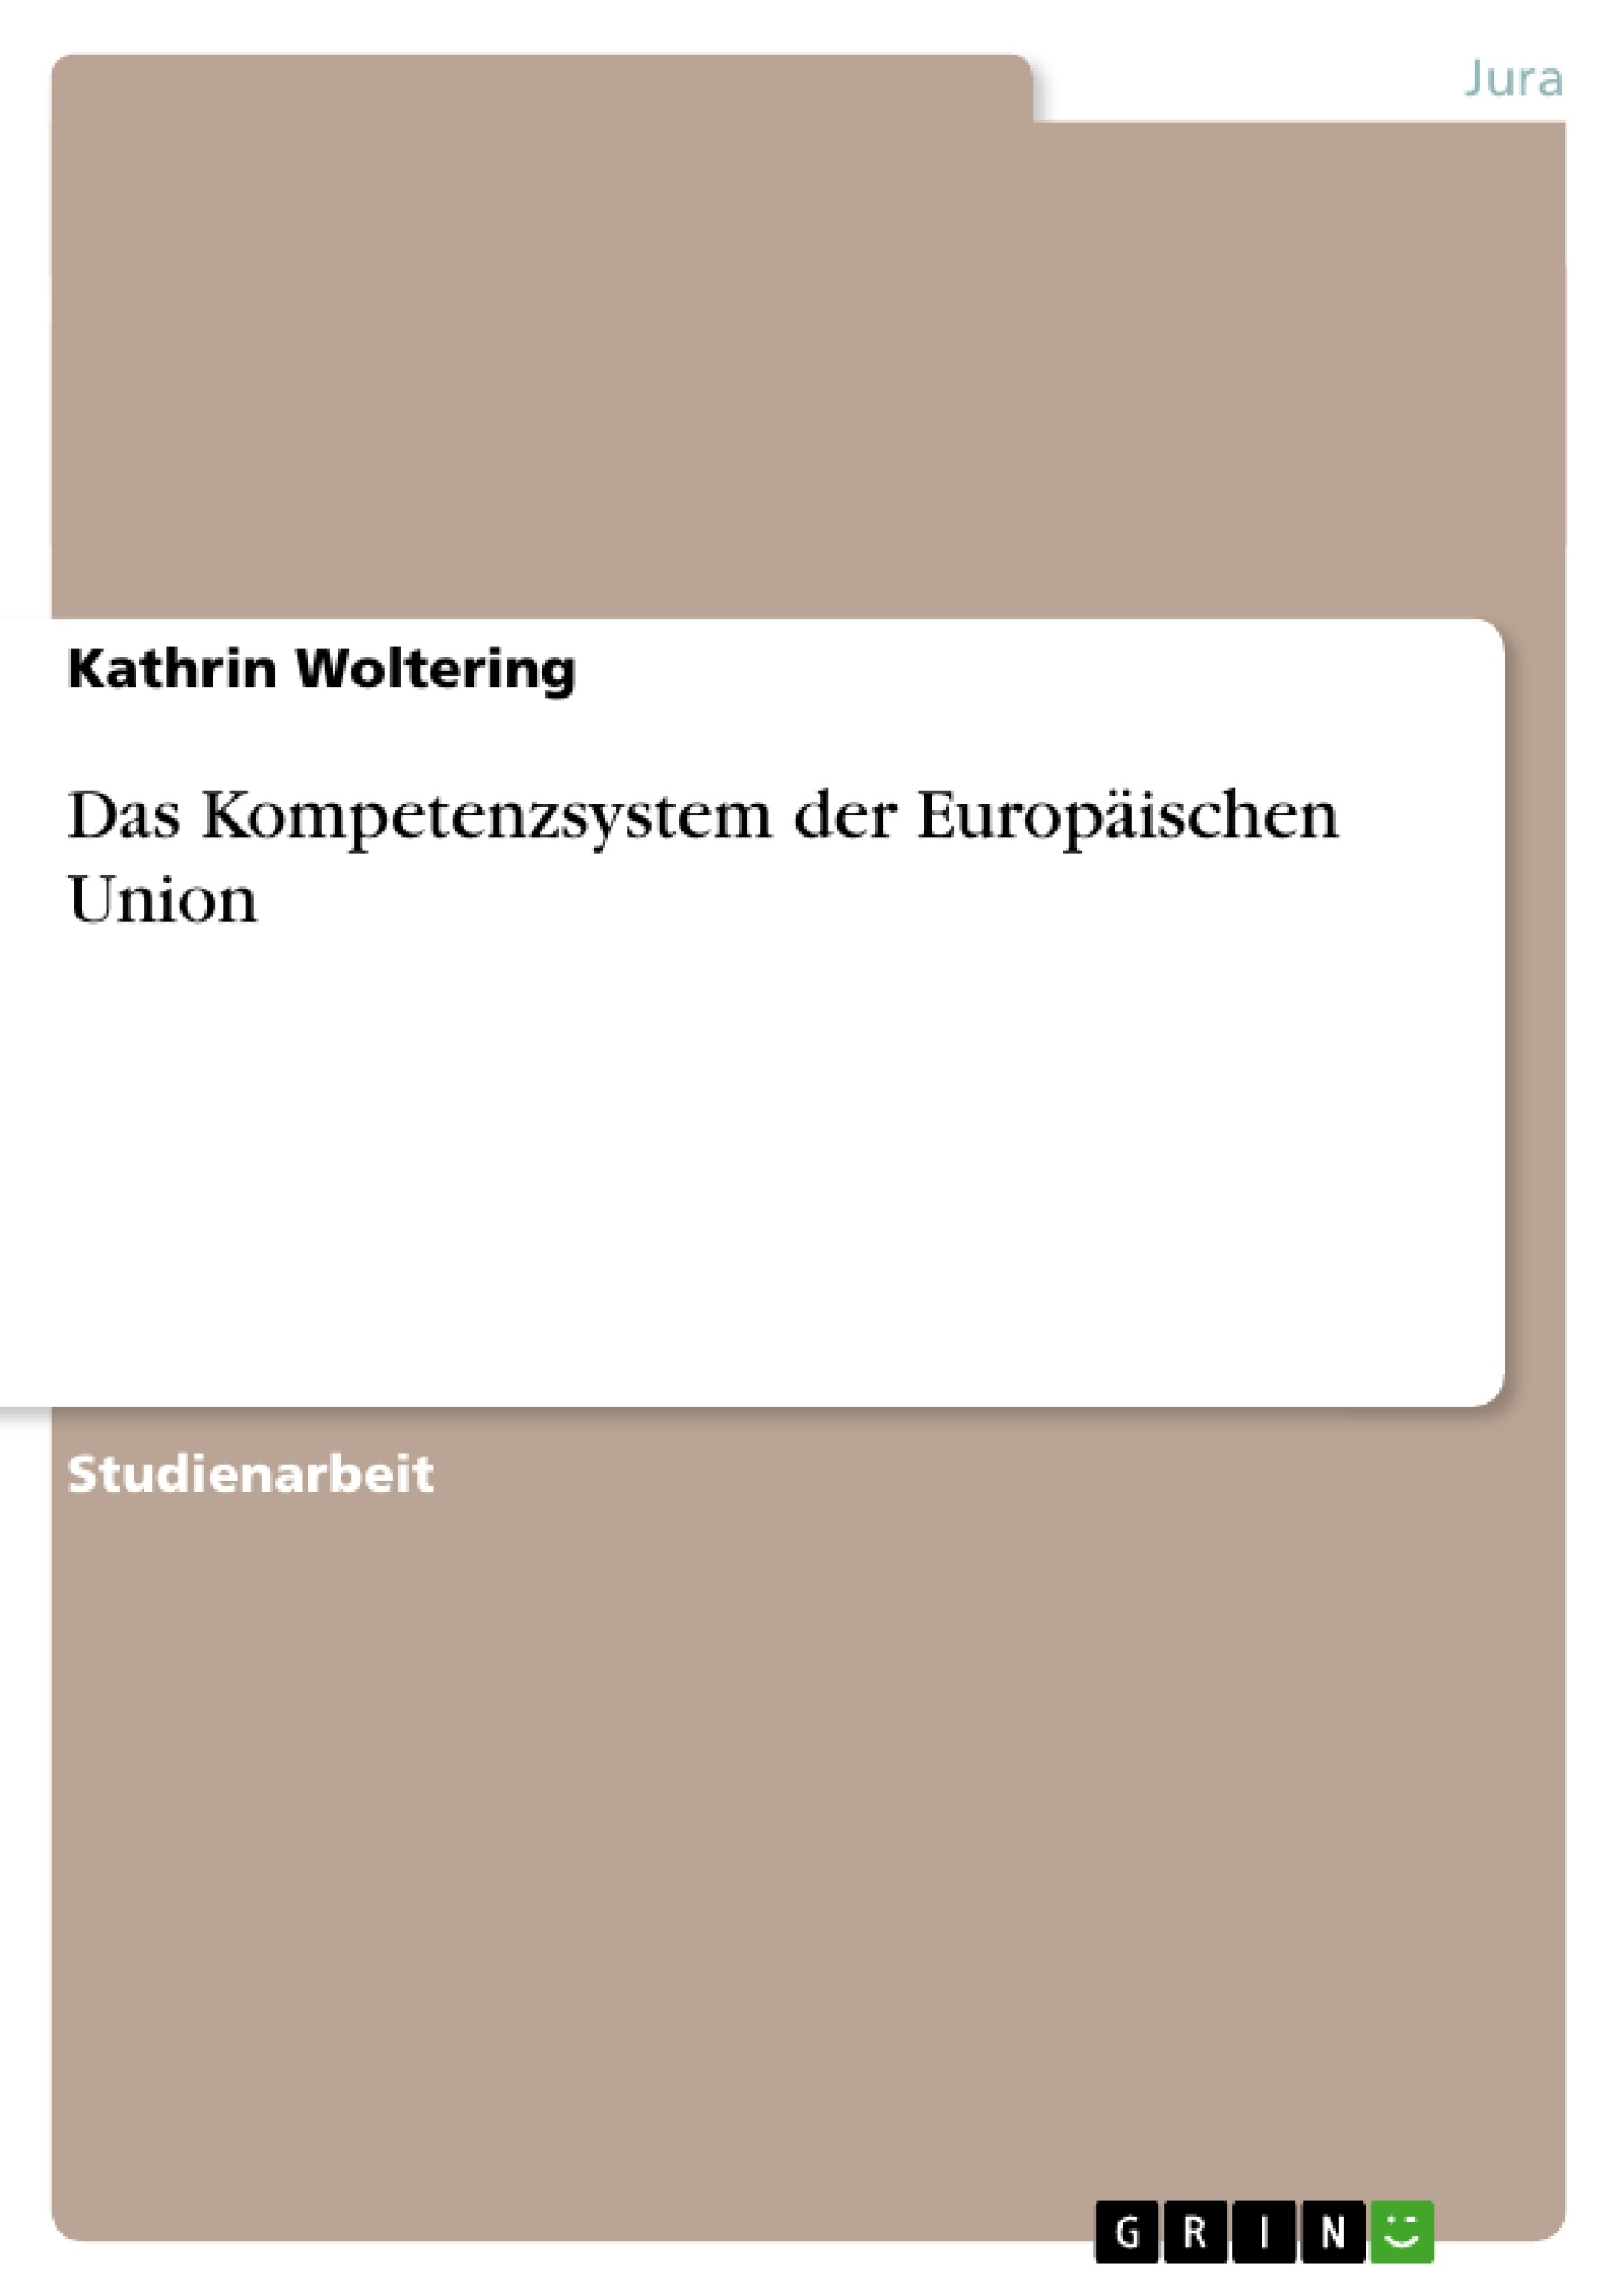 Titel: Das Kompetenzsystem der Europäischen Union